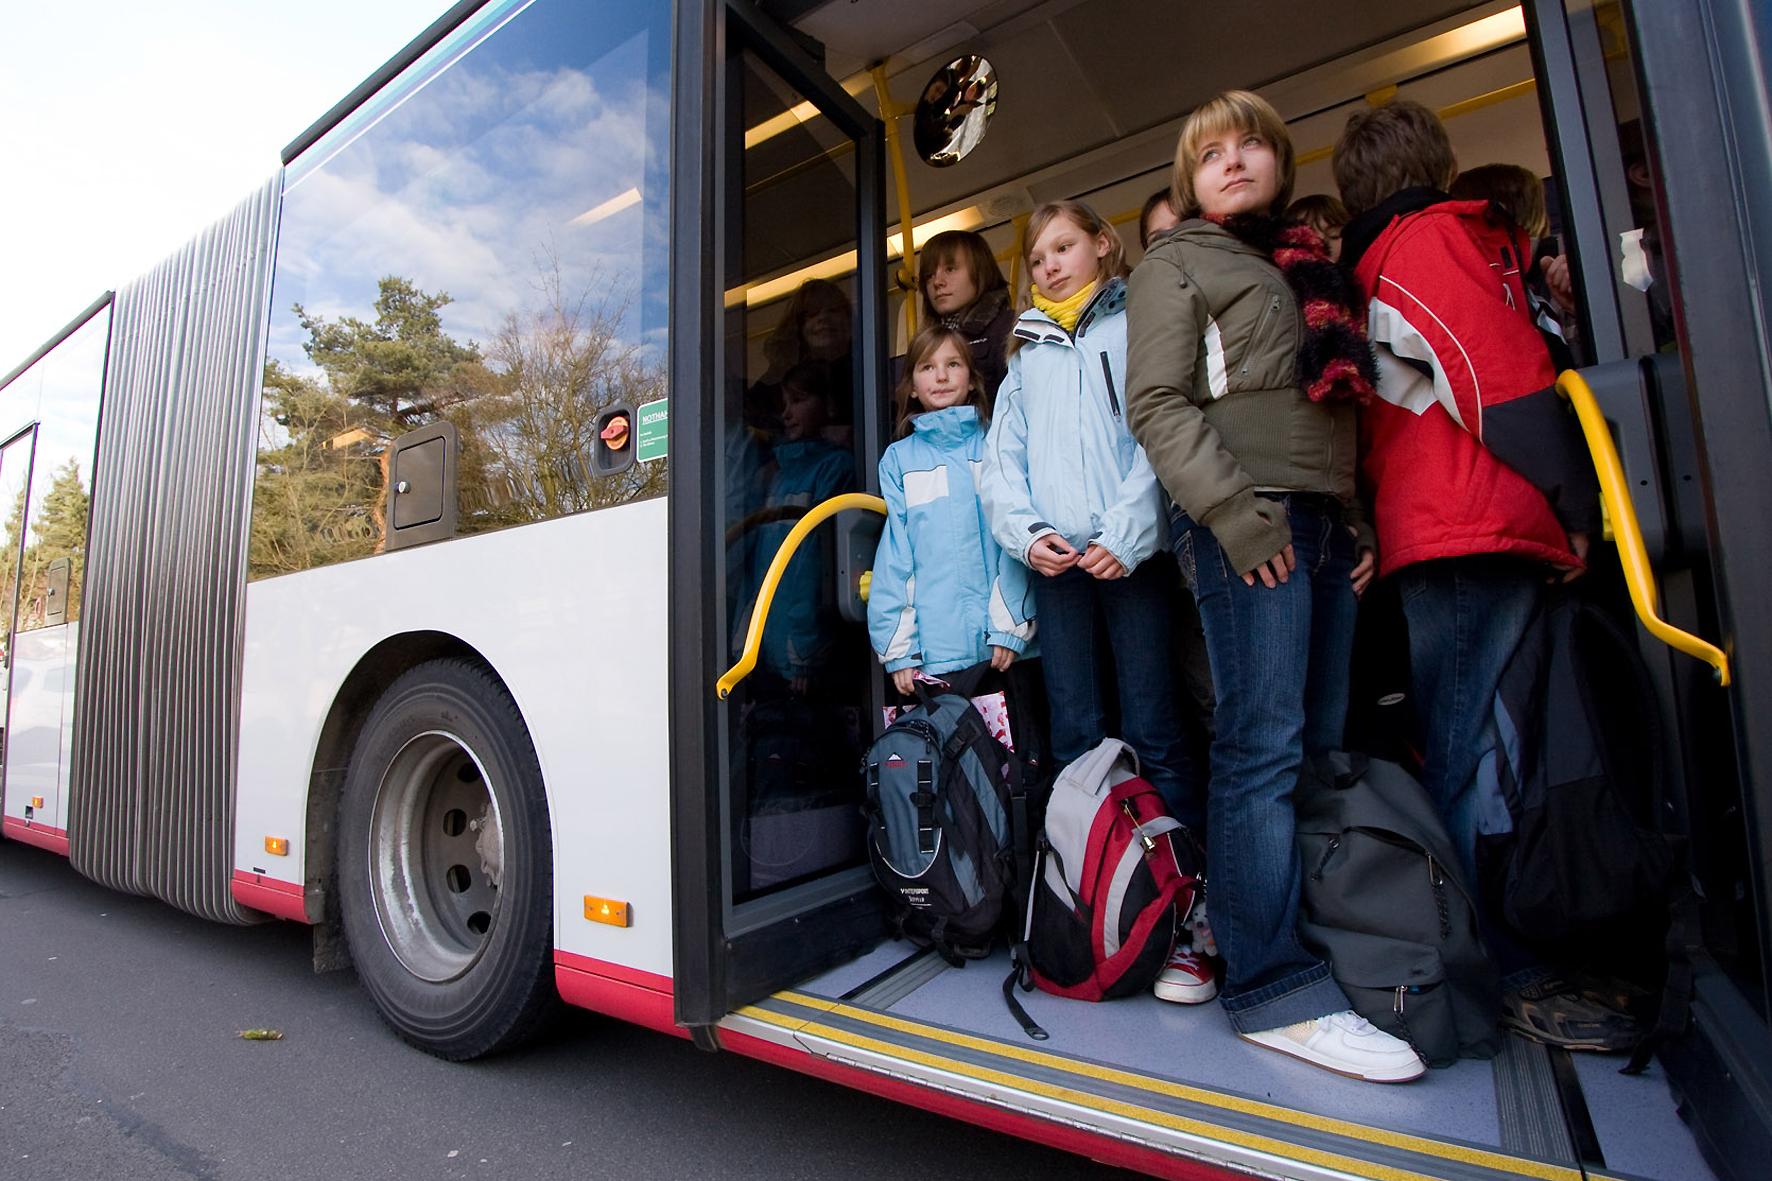 Sturz im Bus: Wer haftet bei Verletzungen?